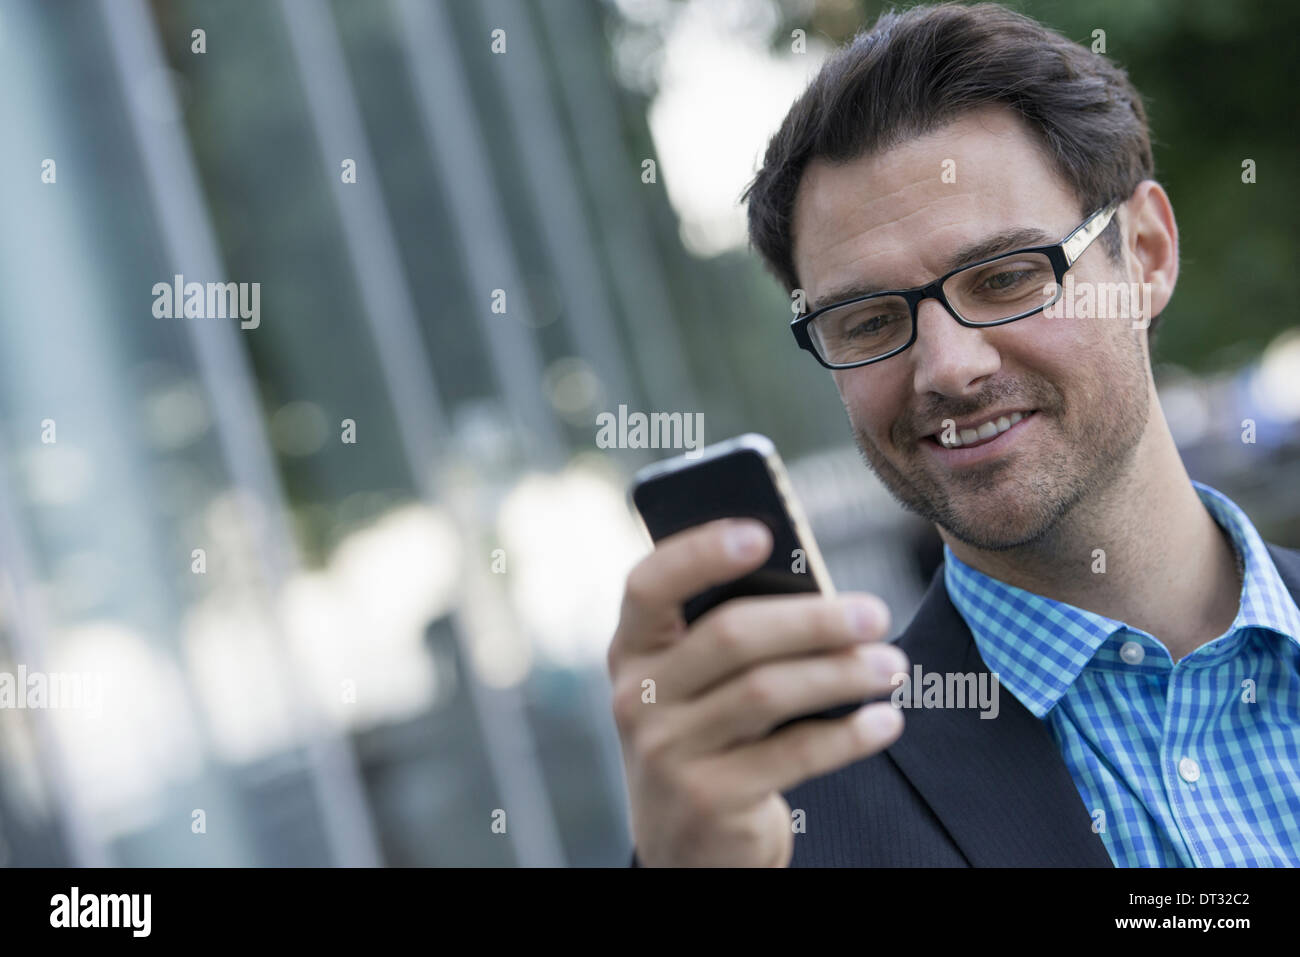 Un hombre usando su teléfono inteligente. Imagen De Stock